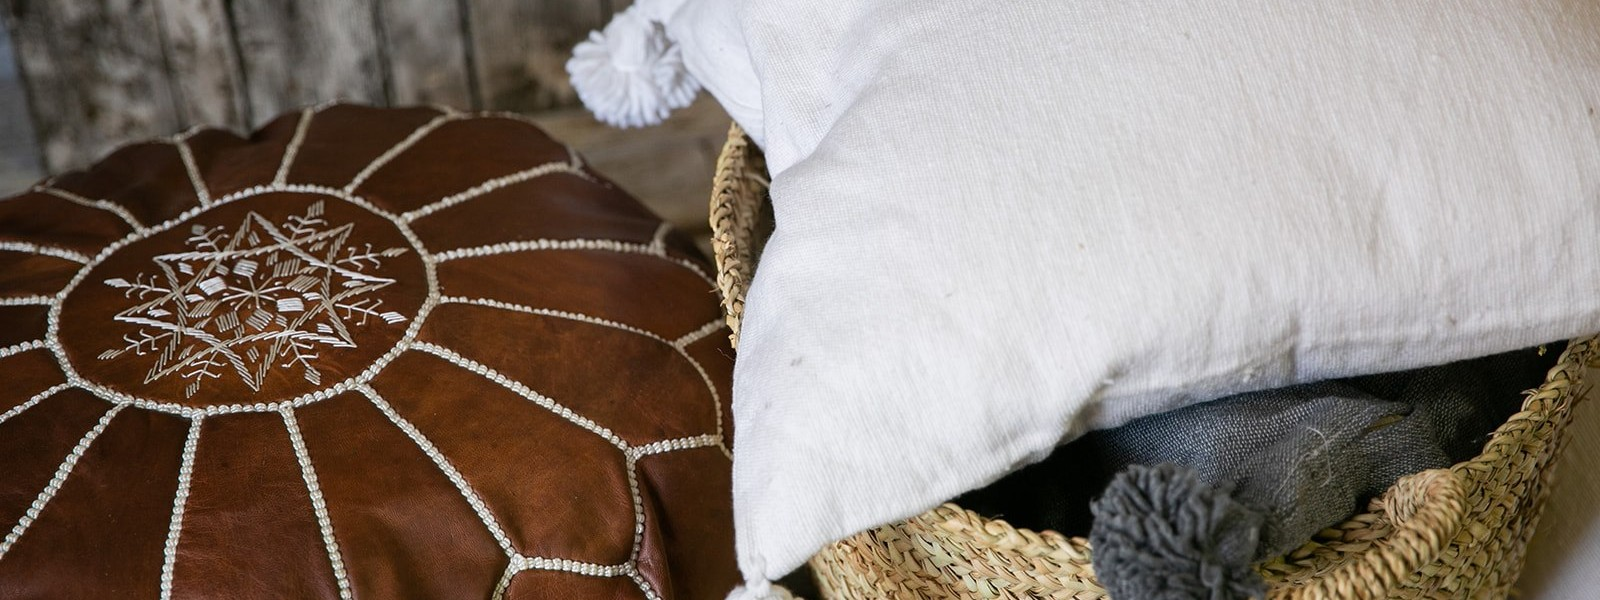 טקסטיל - פנטזיה מרוקאית